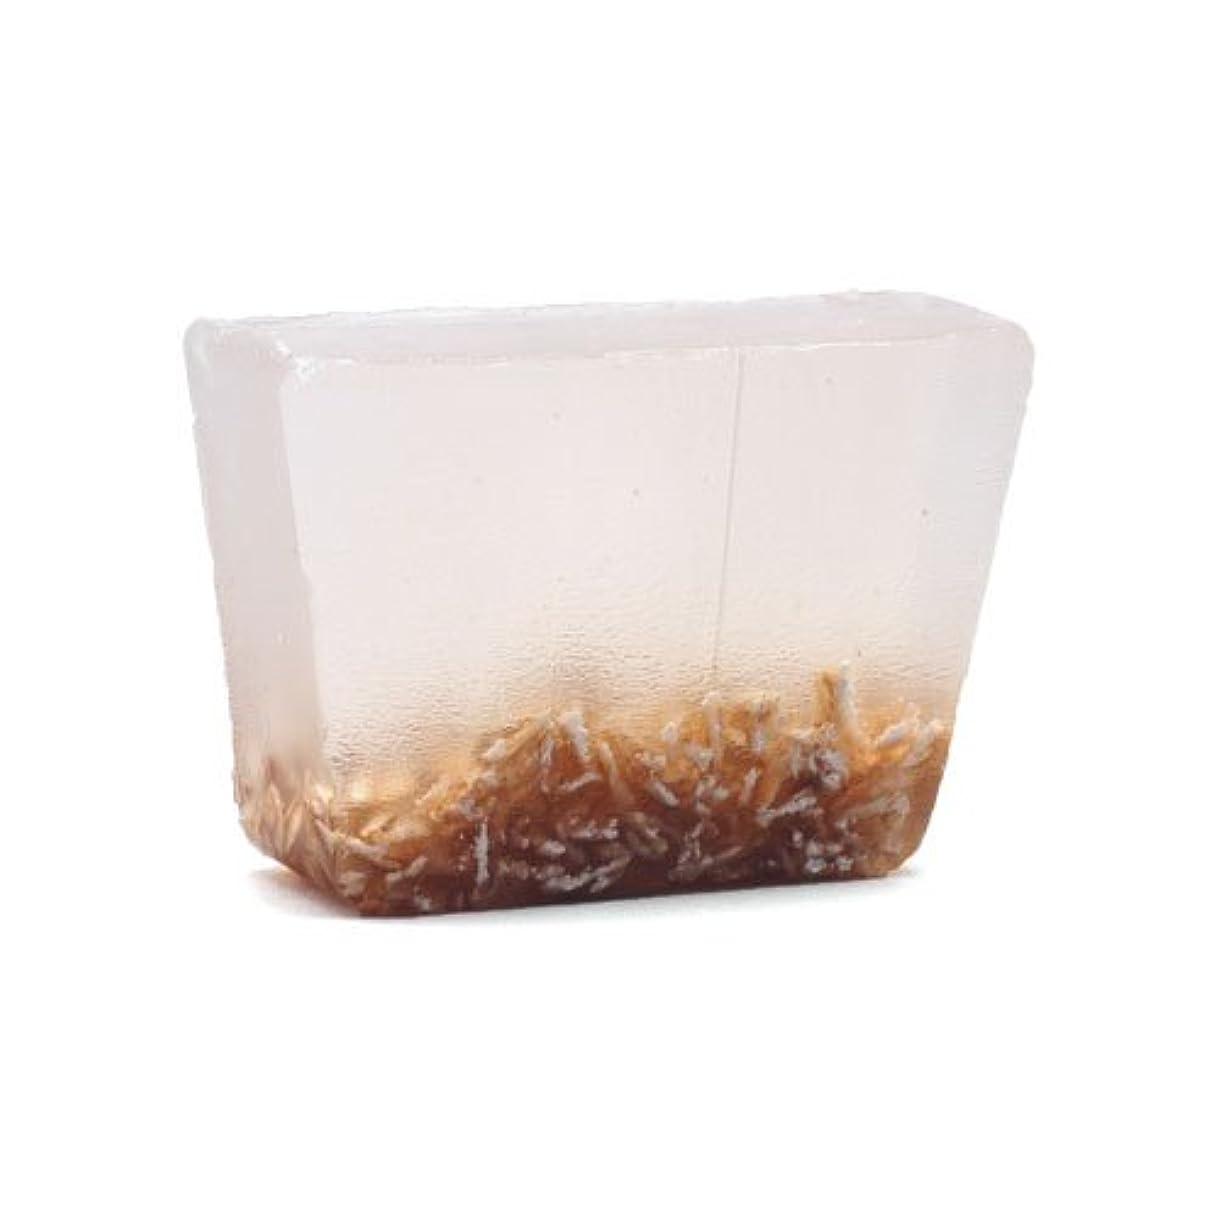 空いている咽頭アテンダントプライモールエレメンツ アロマティック ミニソープ ラベンダーオートミール 80g 植物性 ナチュラル 石鹸 無添加